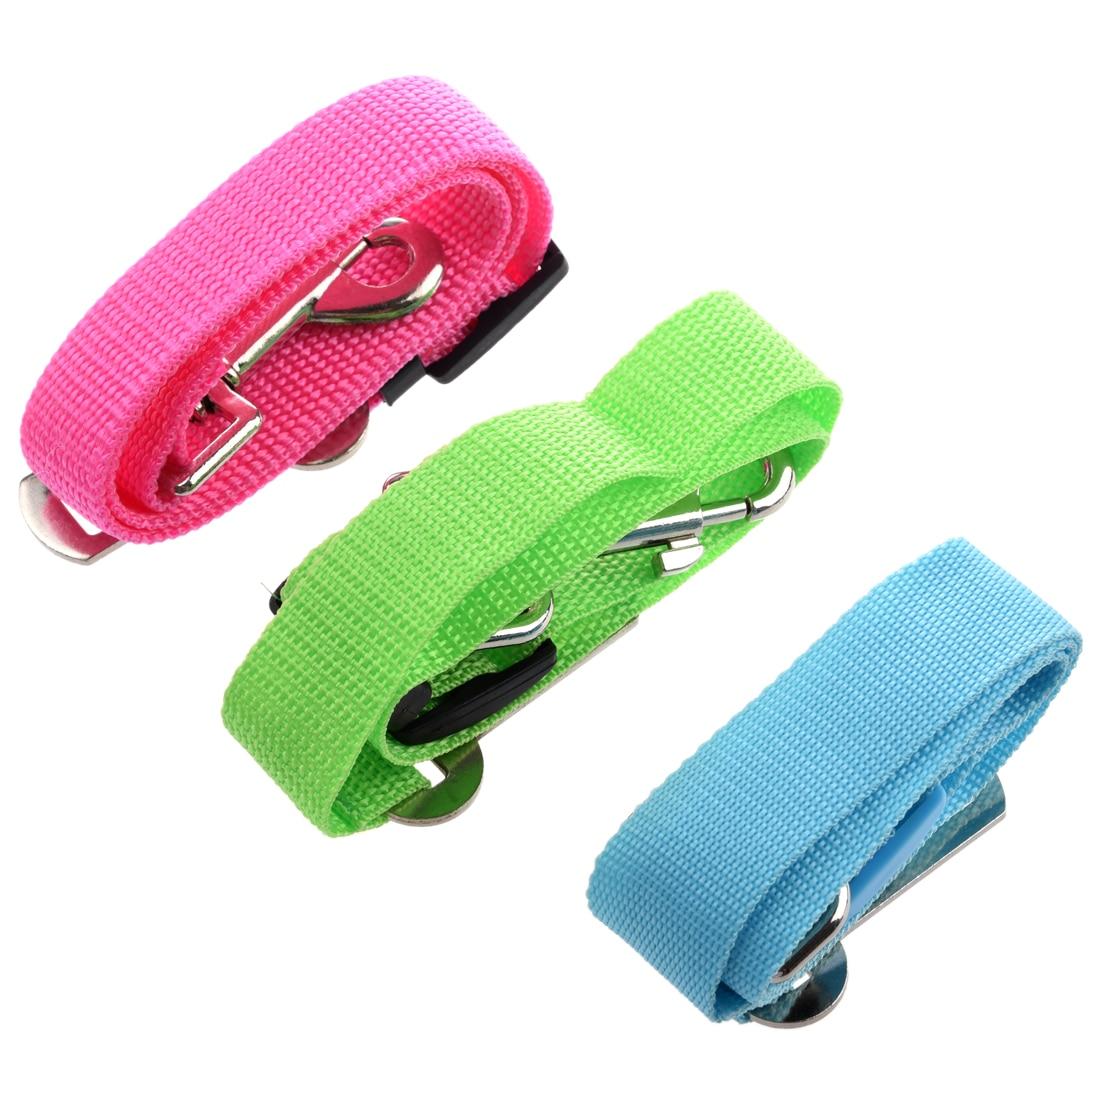 Botique 3 Pcs Blue & Green & Pink Adjustable Dog/Cat Safety Vehicle Car Seat Belt for Pet